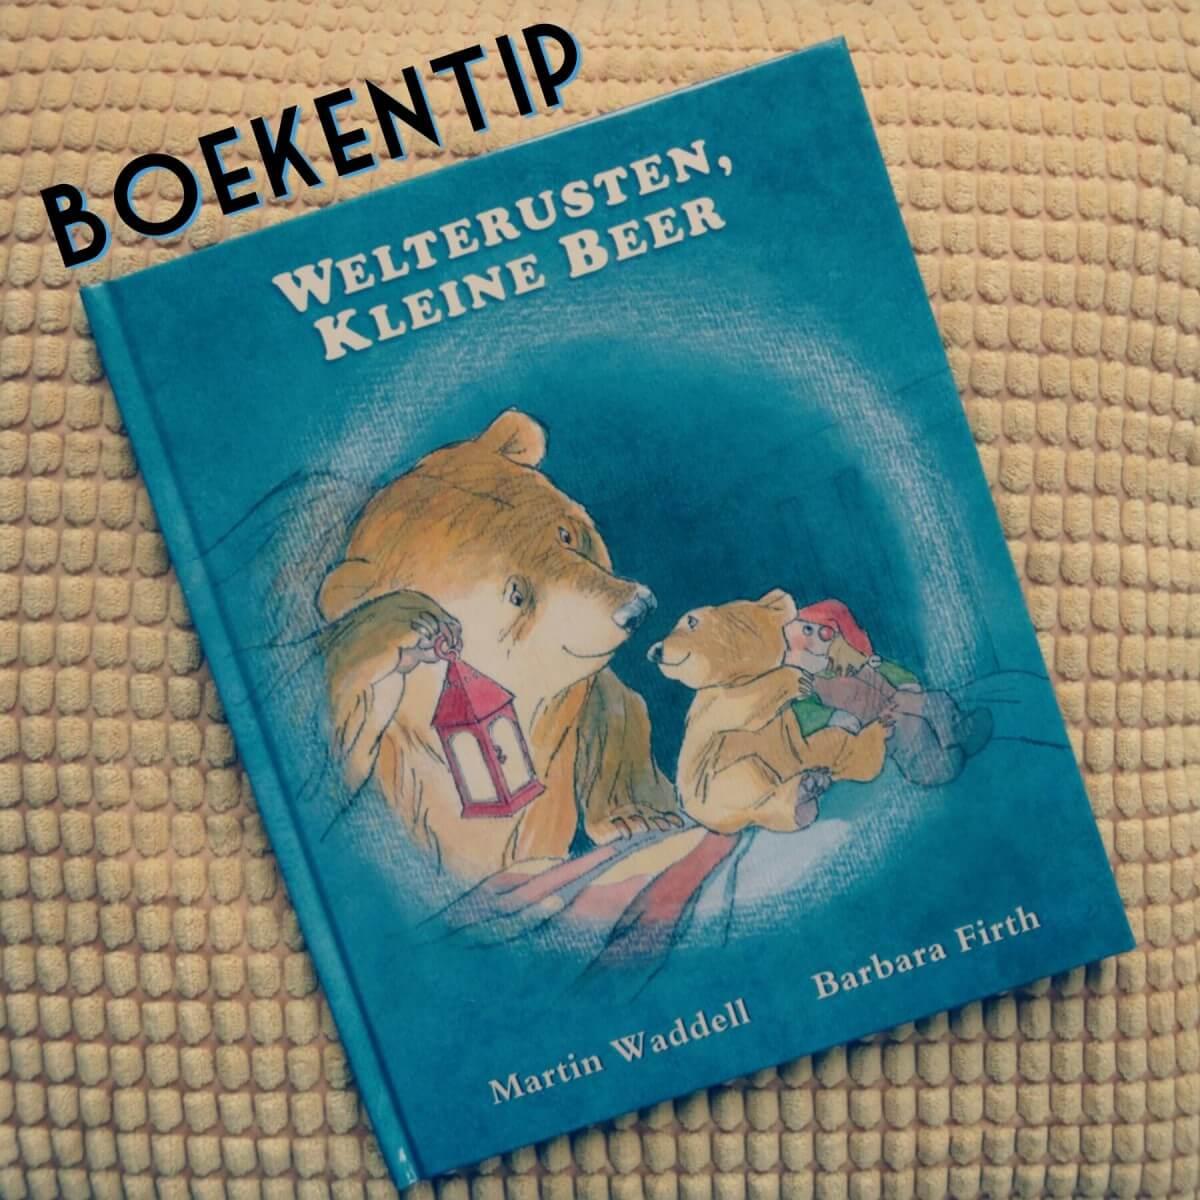 Boekentip: Welterusten Kleine Beer, voor kinderen die bang zijn in het donker #leukmetkids